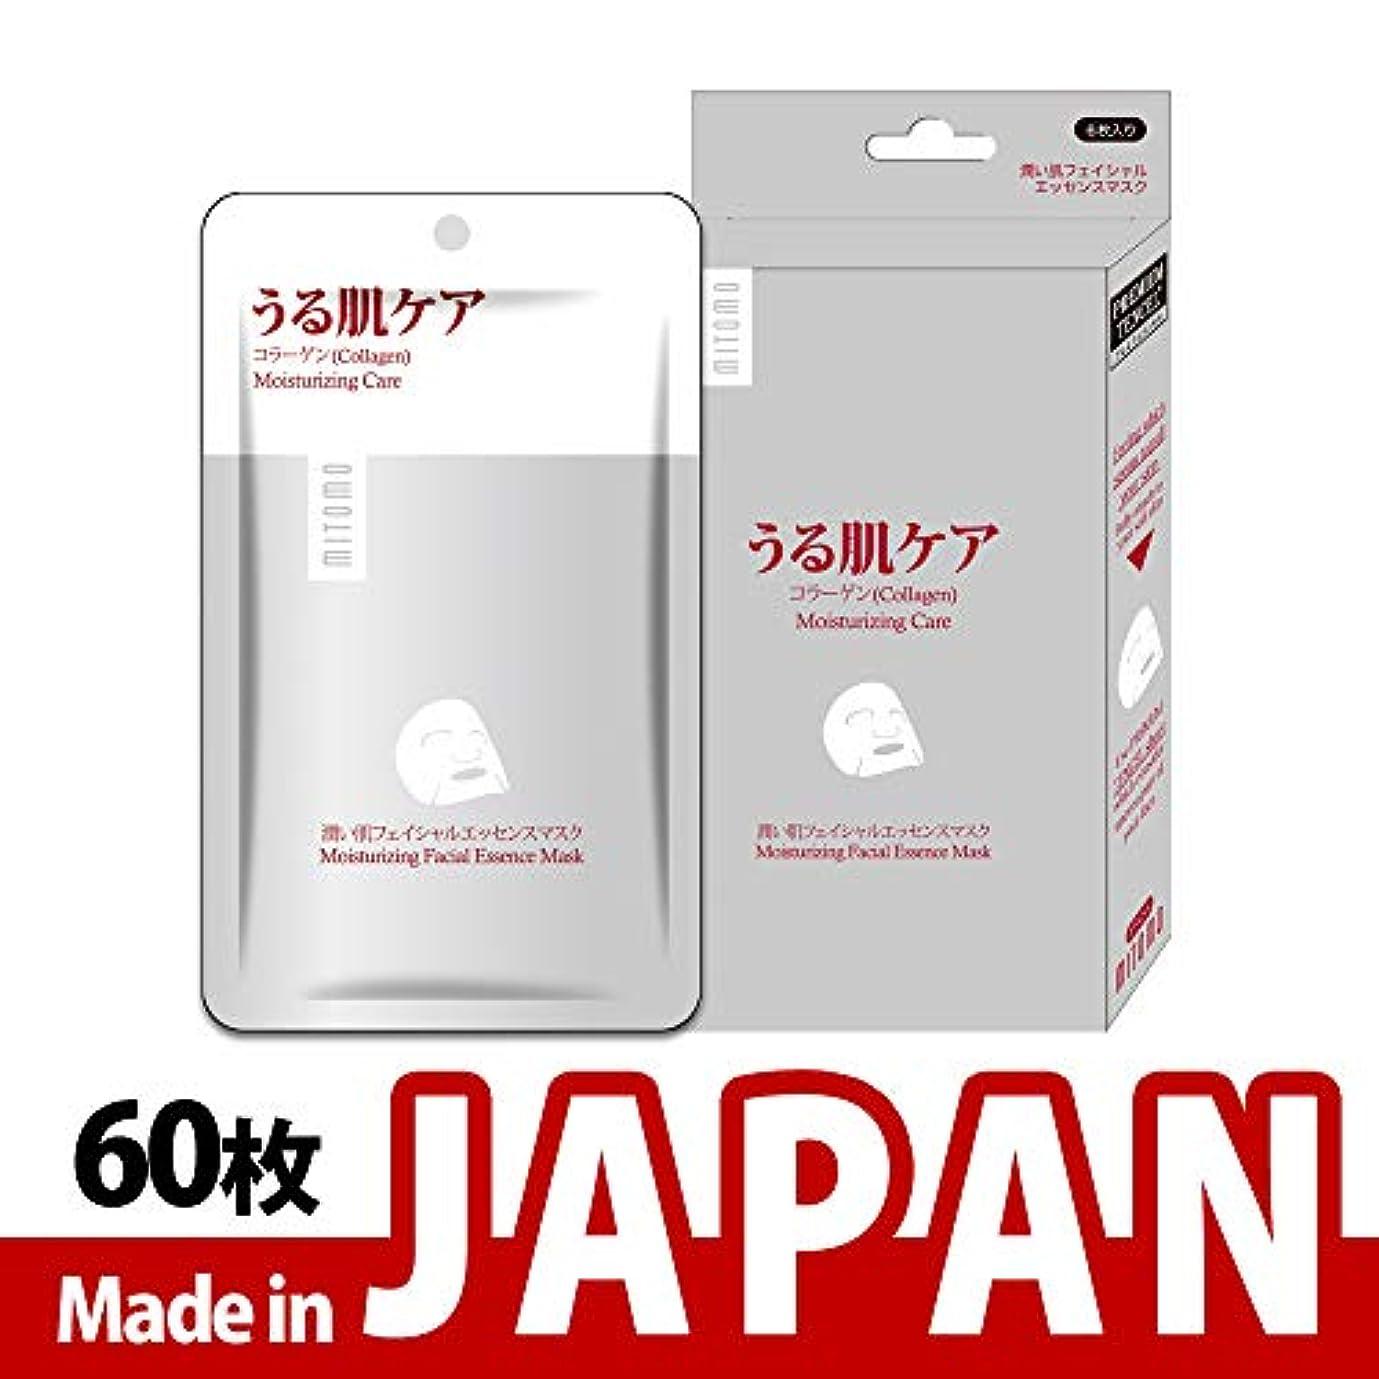 効果的セミナー産地【HS002-A-1】MITOMO日本製シートマスク/6枚入り/60枚/美容液/マスクパック/送料無料